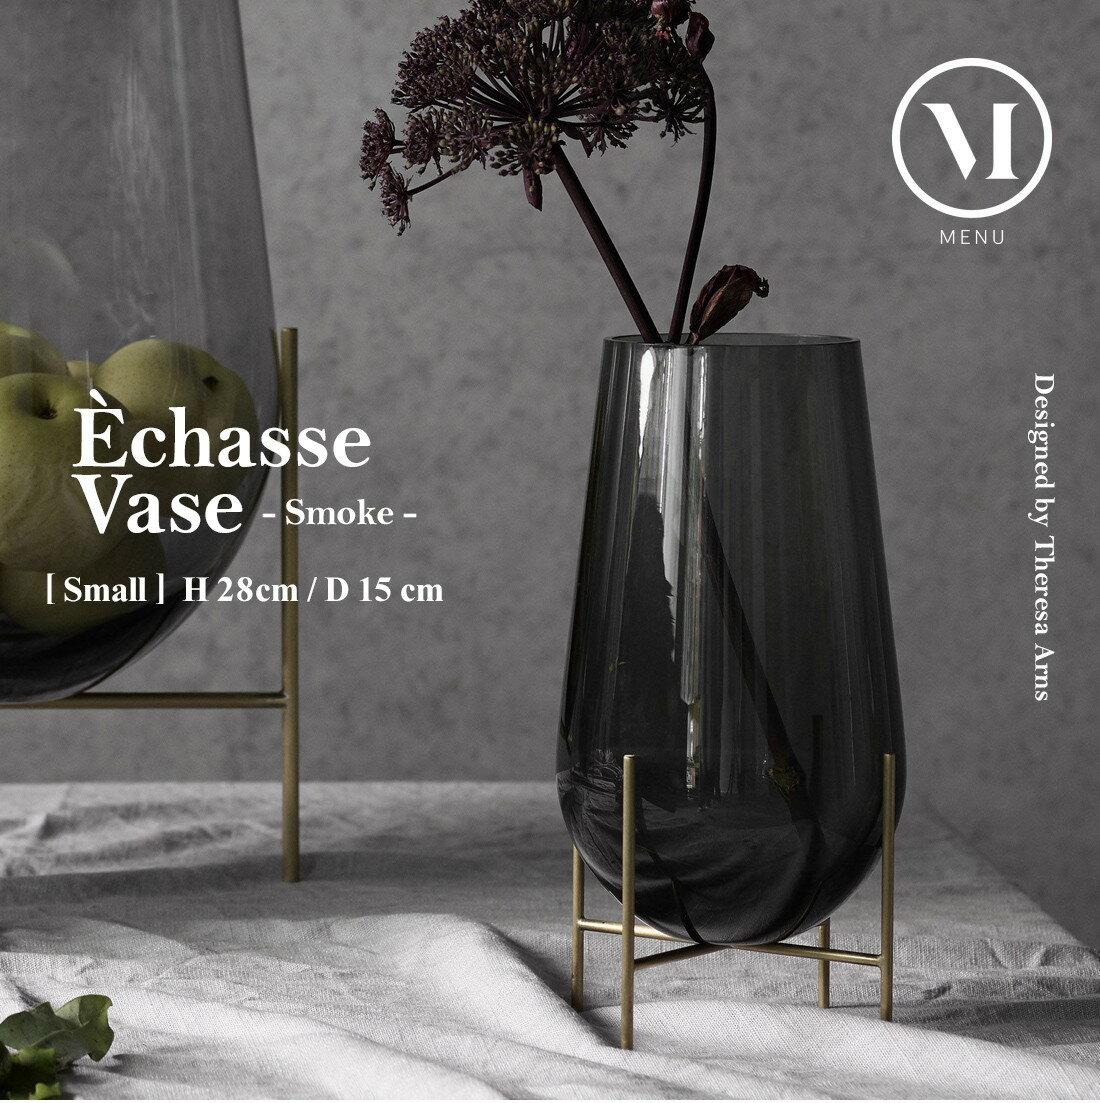 店舗クーポン発行中!menu メニュー Echasse Vase S, smoke イシャスベース Sサイズ スモーク花びん 花瓶 フラワーベース